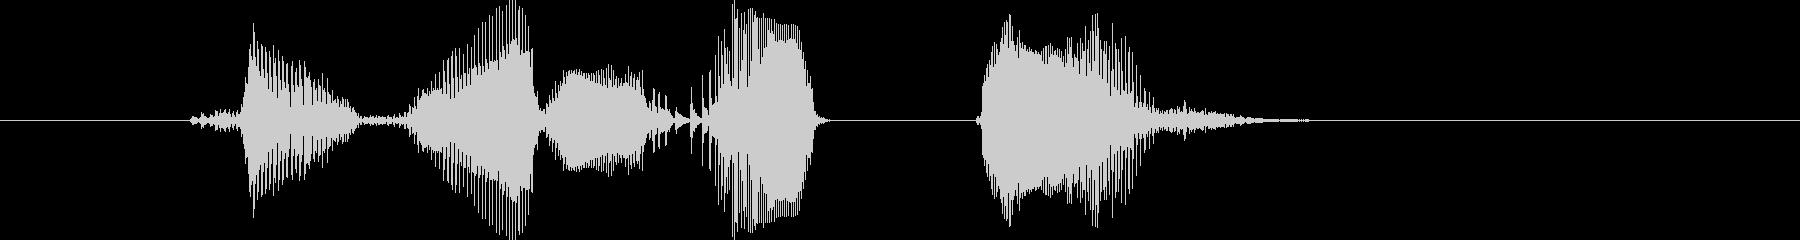 レベルアップ(男の子)の未再生の波形